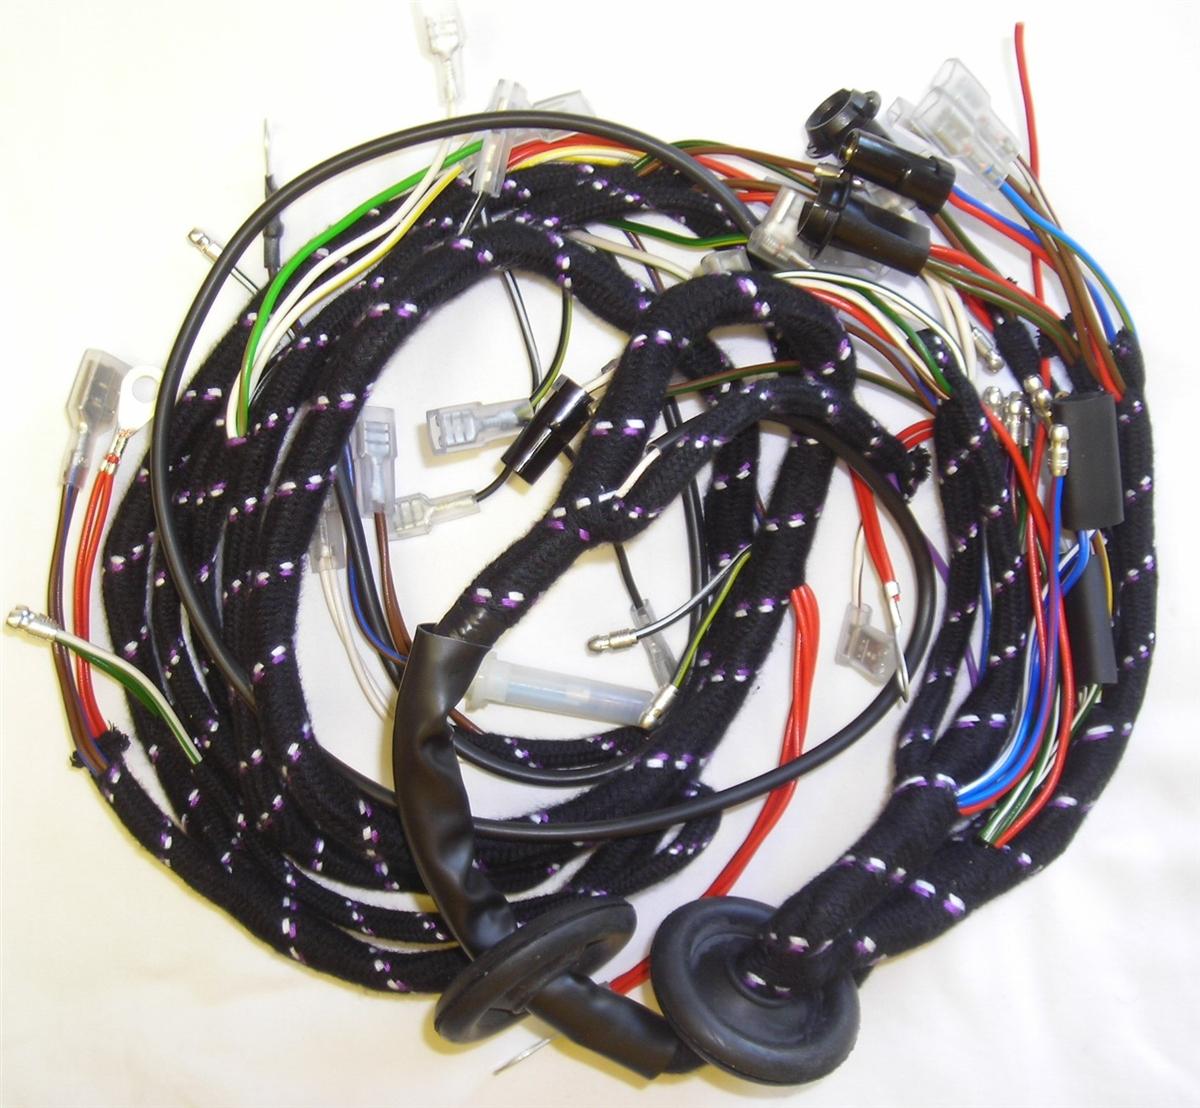 triumph t140 wiring diagram wiring library 1976 1978 triumph t140v tr7rv main harness mc73pb [ 1200 x 1108 Pixel ]